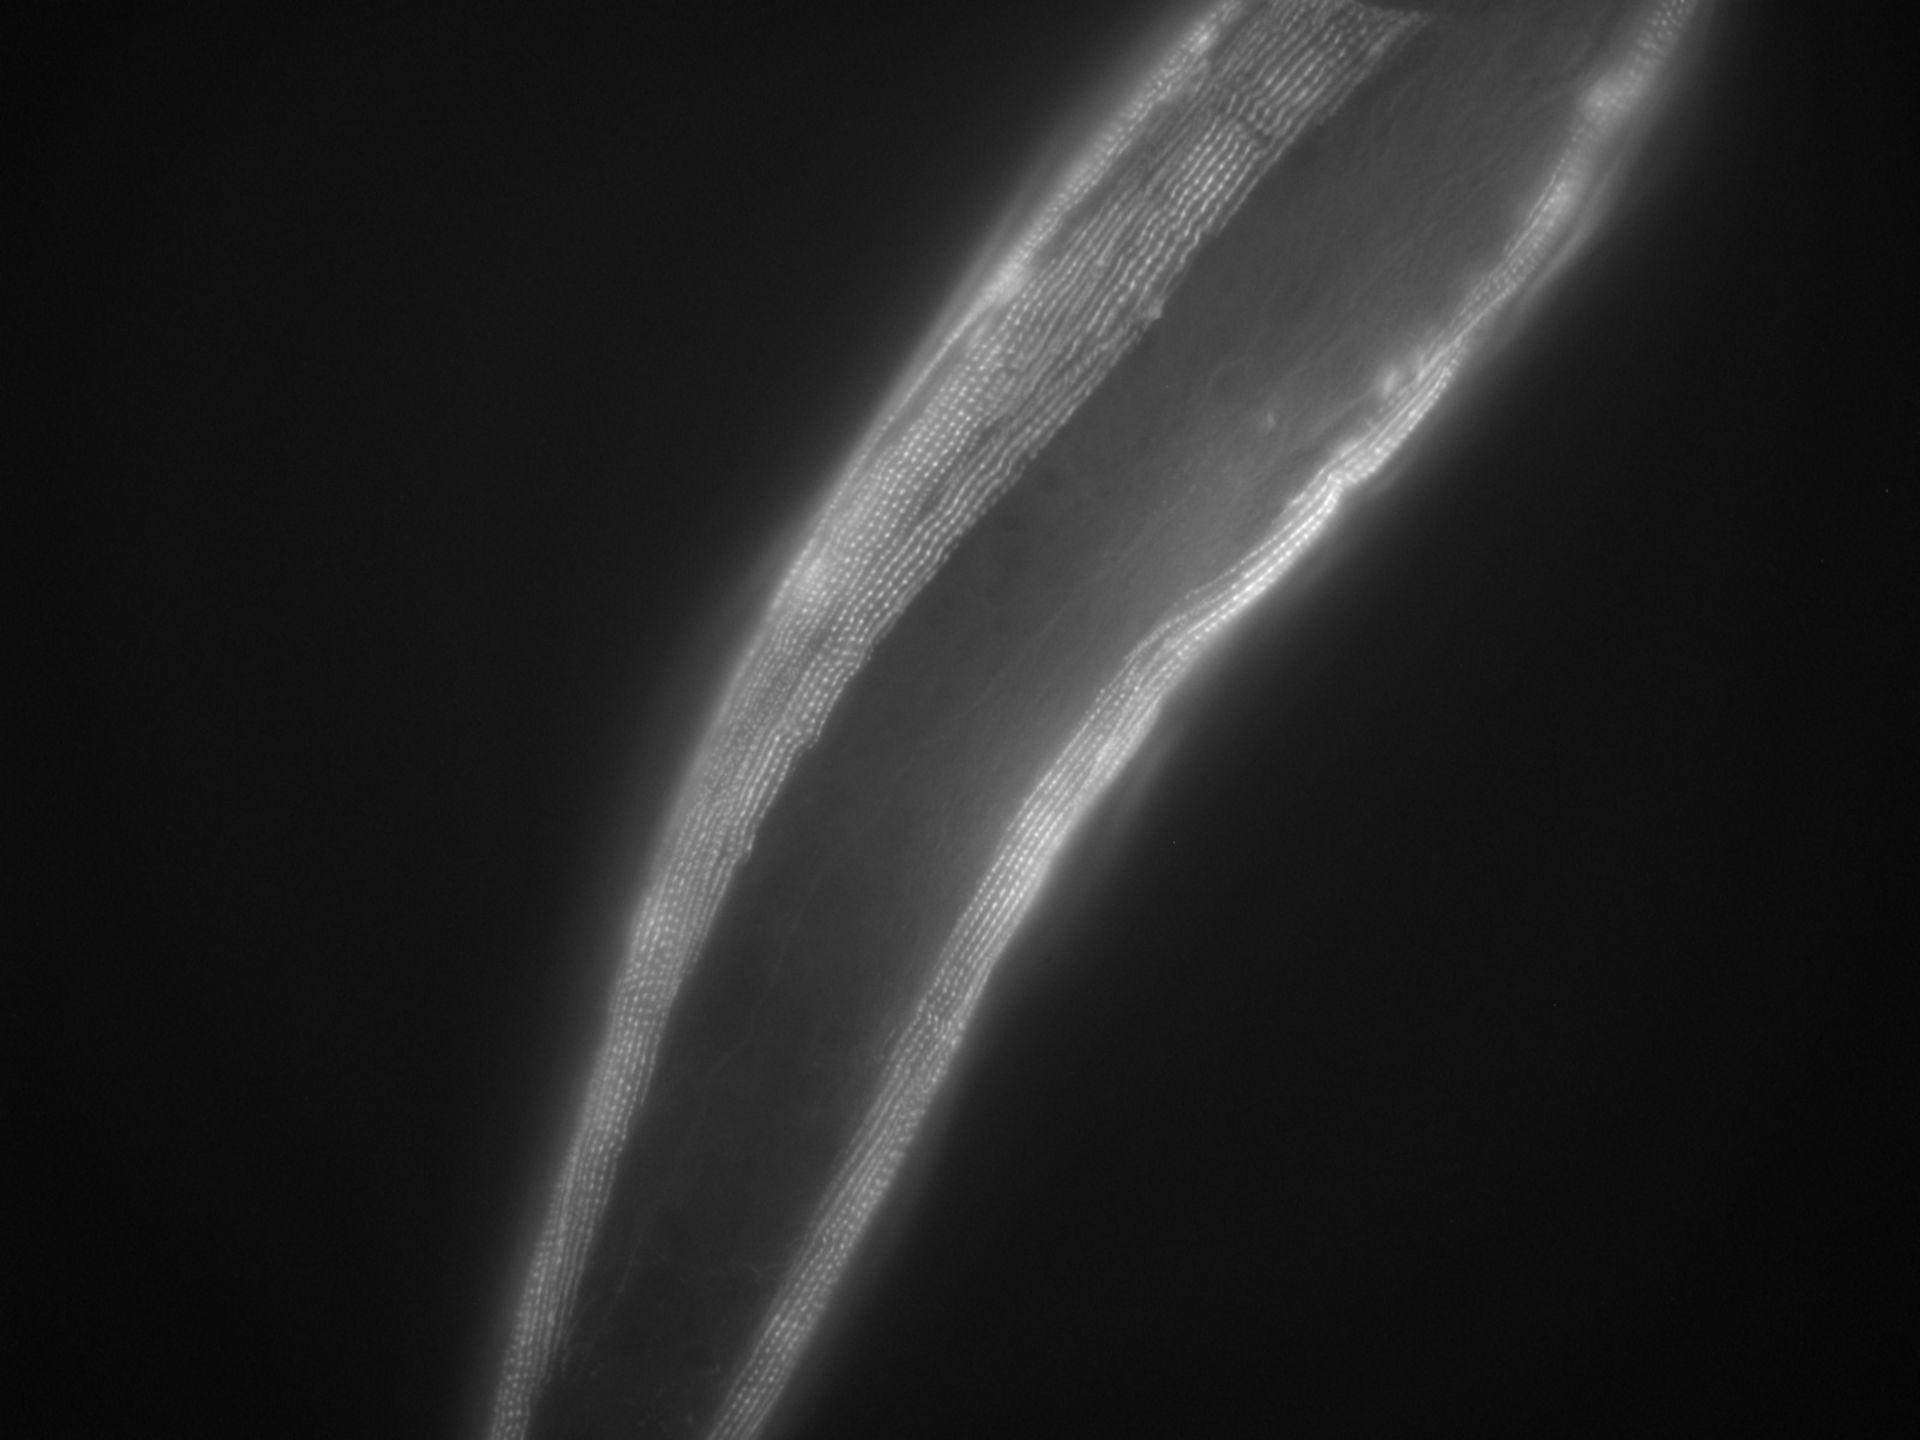 Caenorhabditis elegans (Actin filament) - CIL:1020